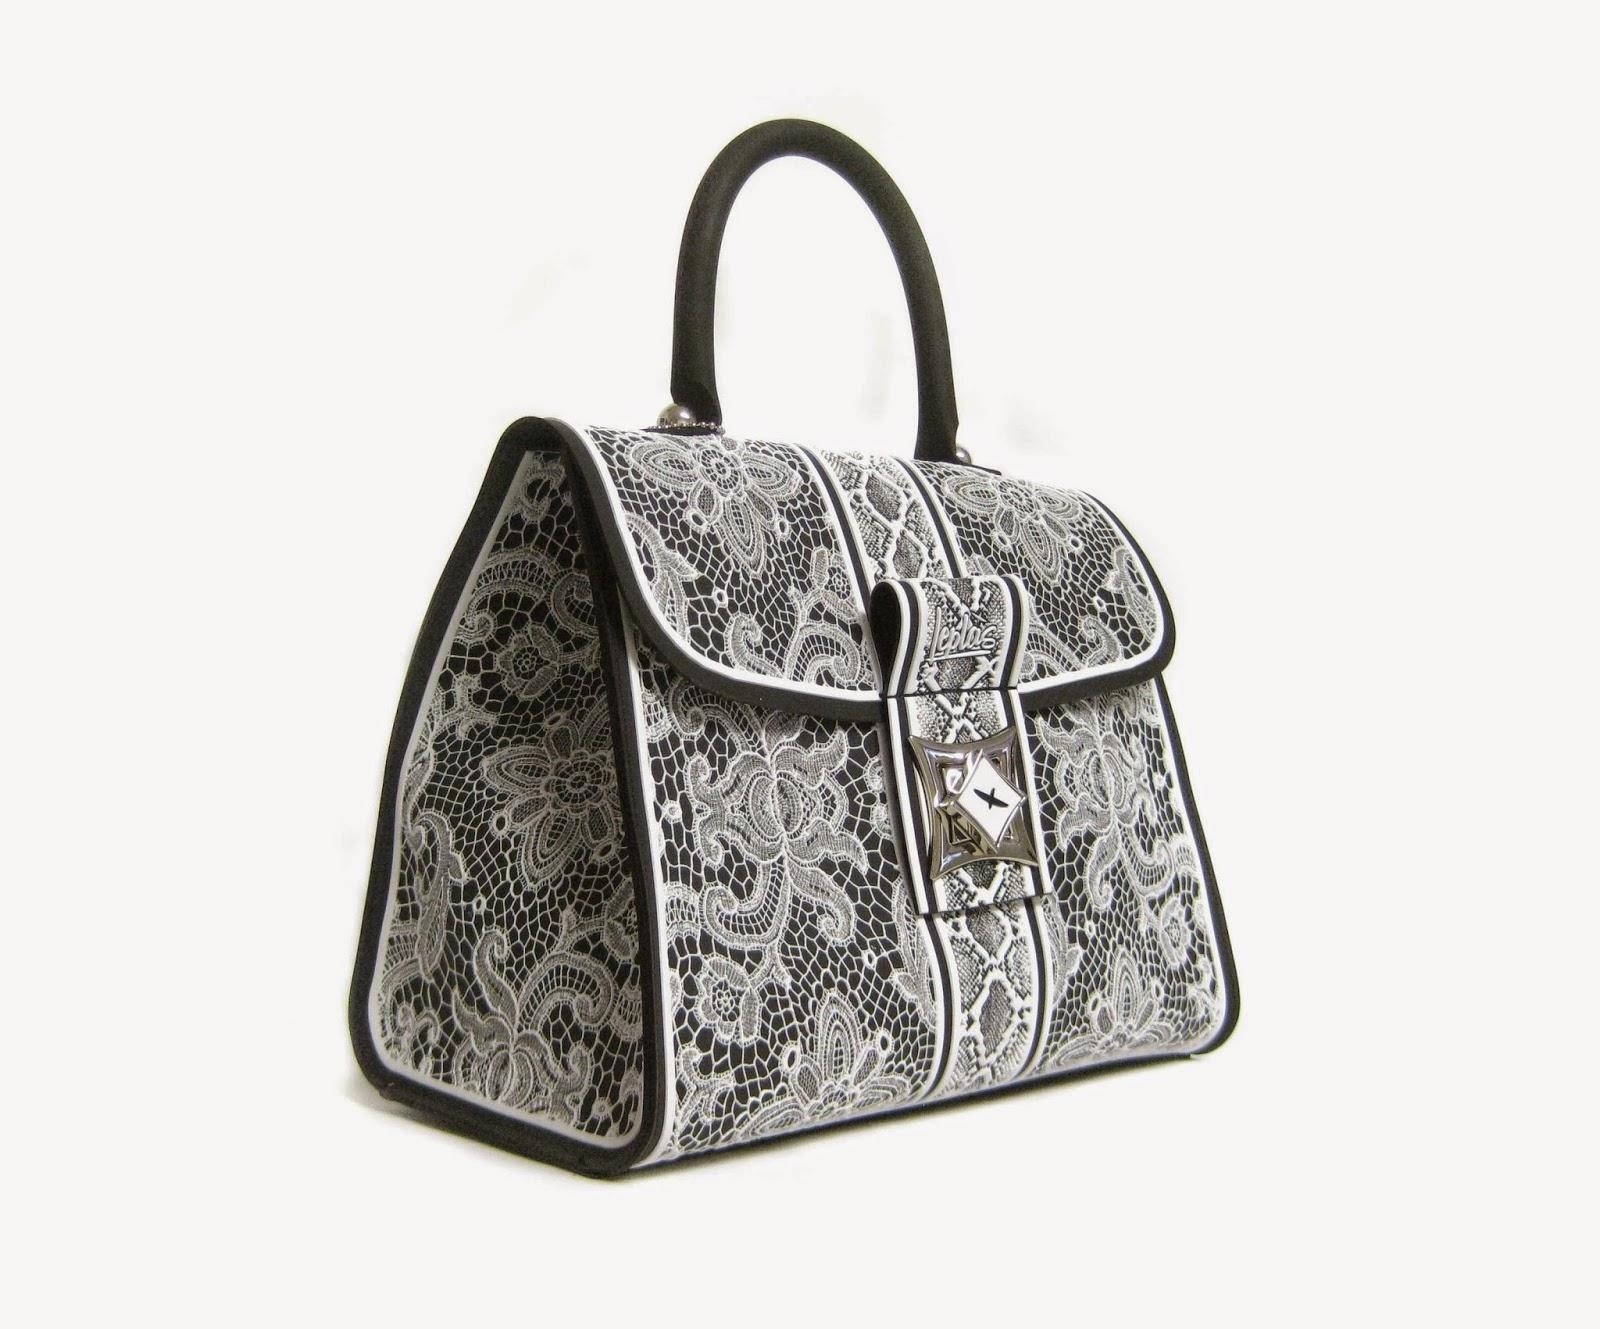 Borse Armani Jeans Reggio Calabria : Metamorphose concept lifestyle madeitstore l e